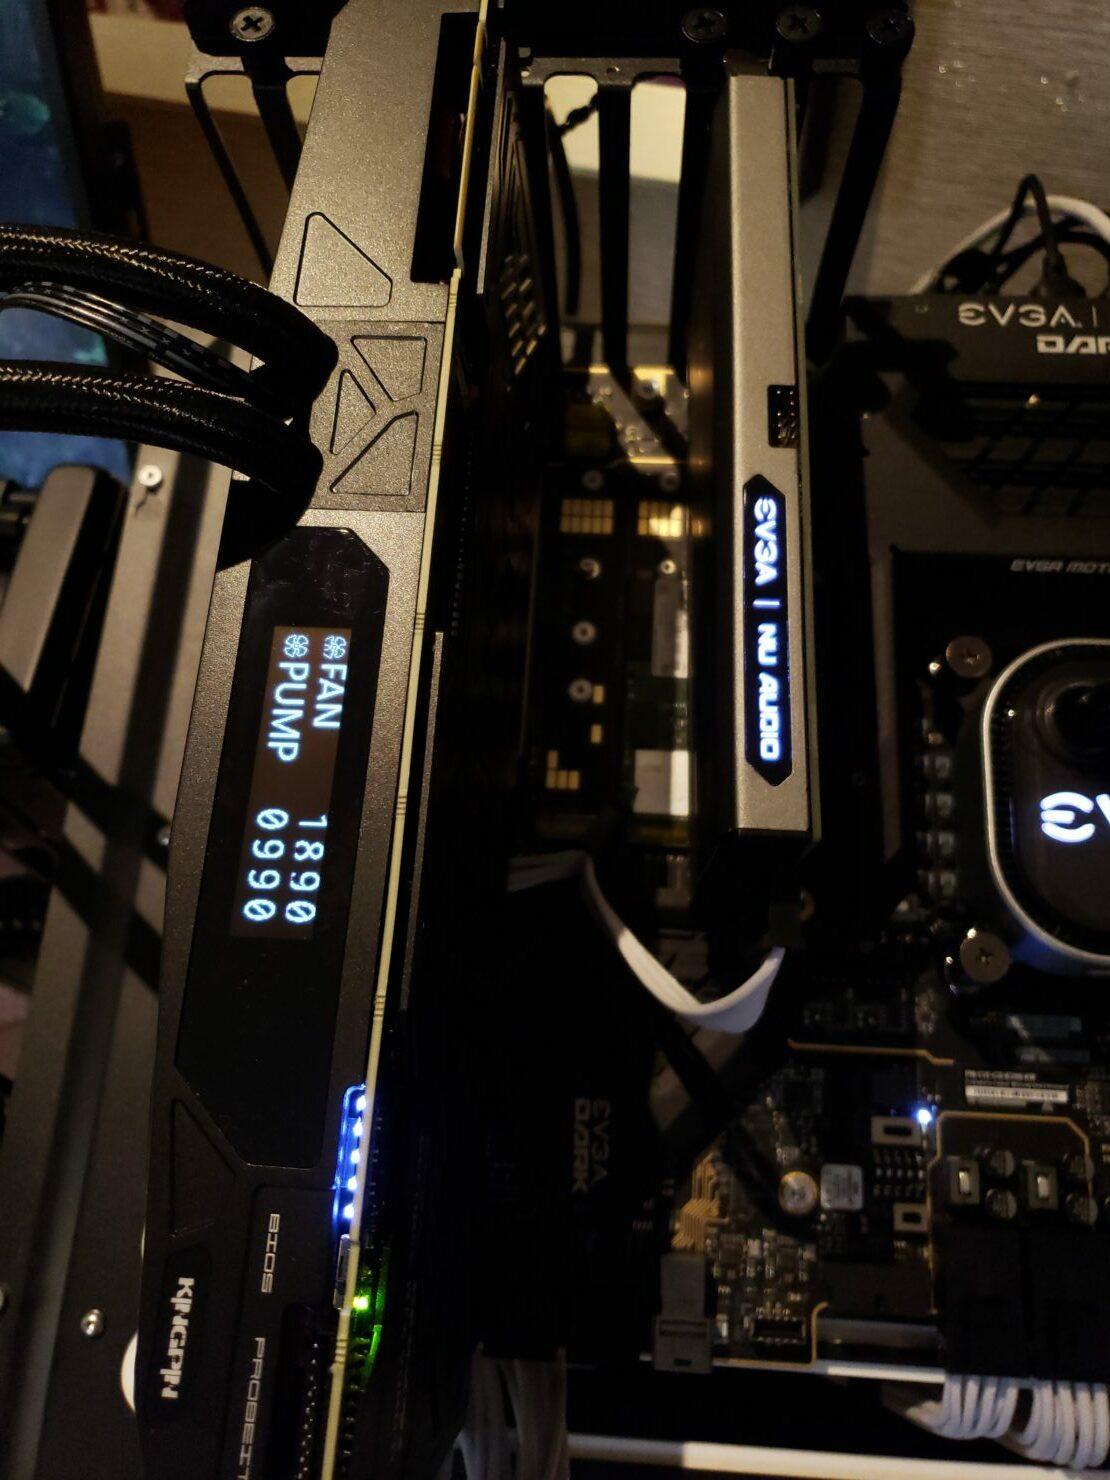 EVGA 2080 Ti Kingpin LCD